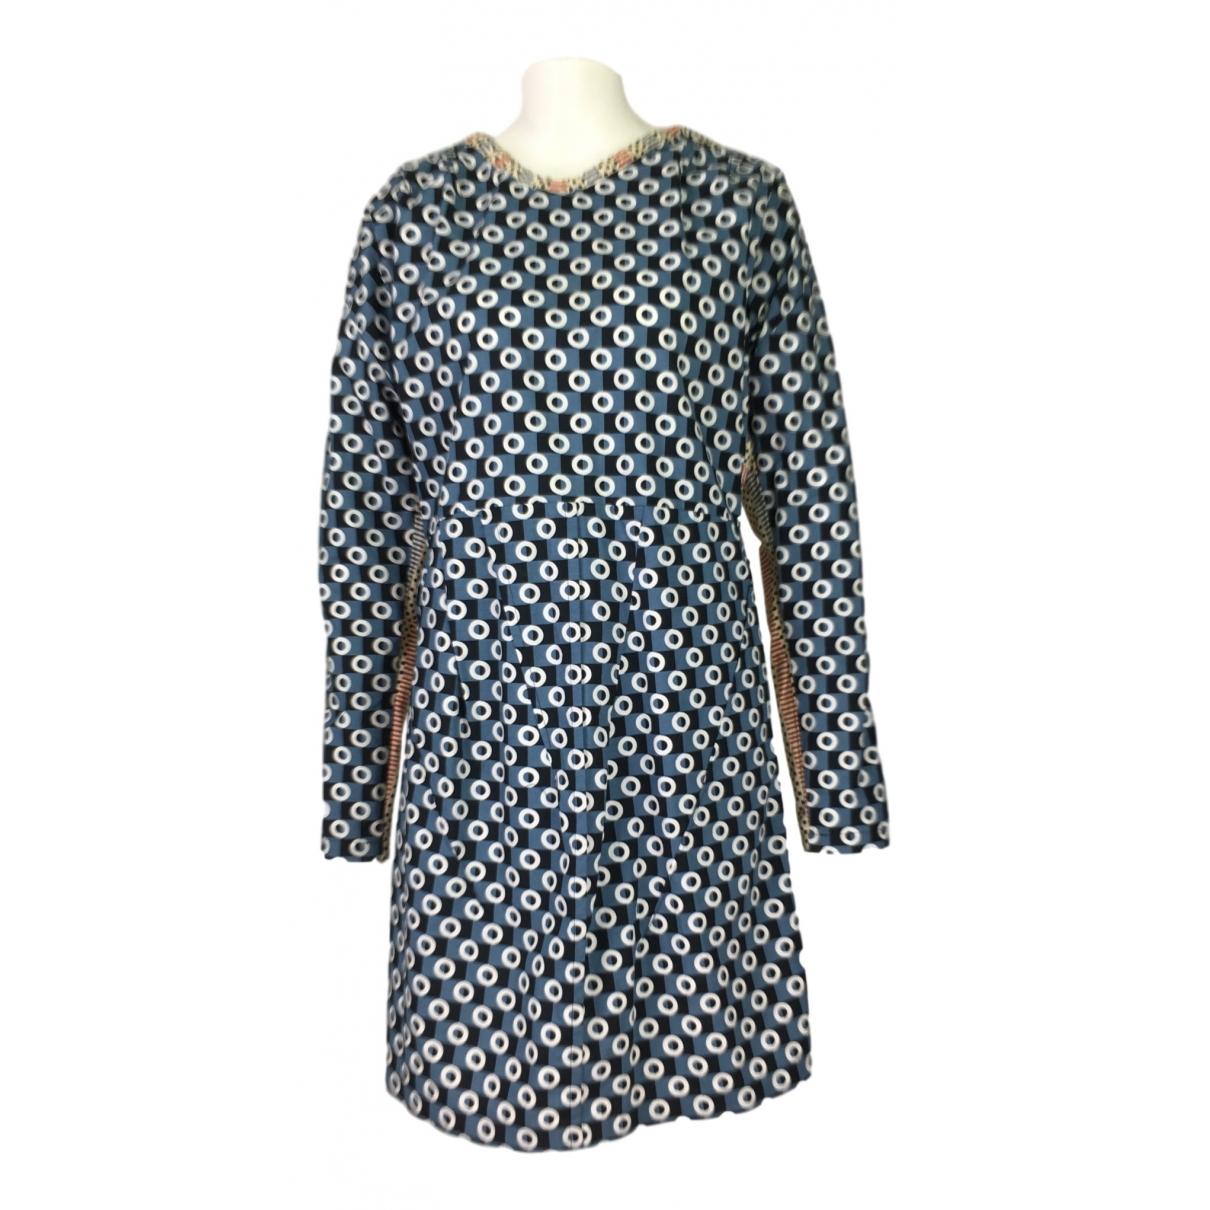 Marni For H&m \N Kleid in  Bunt Baumwolle